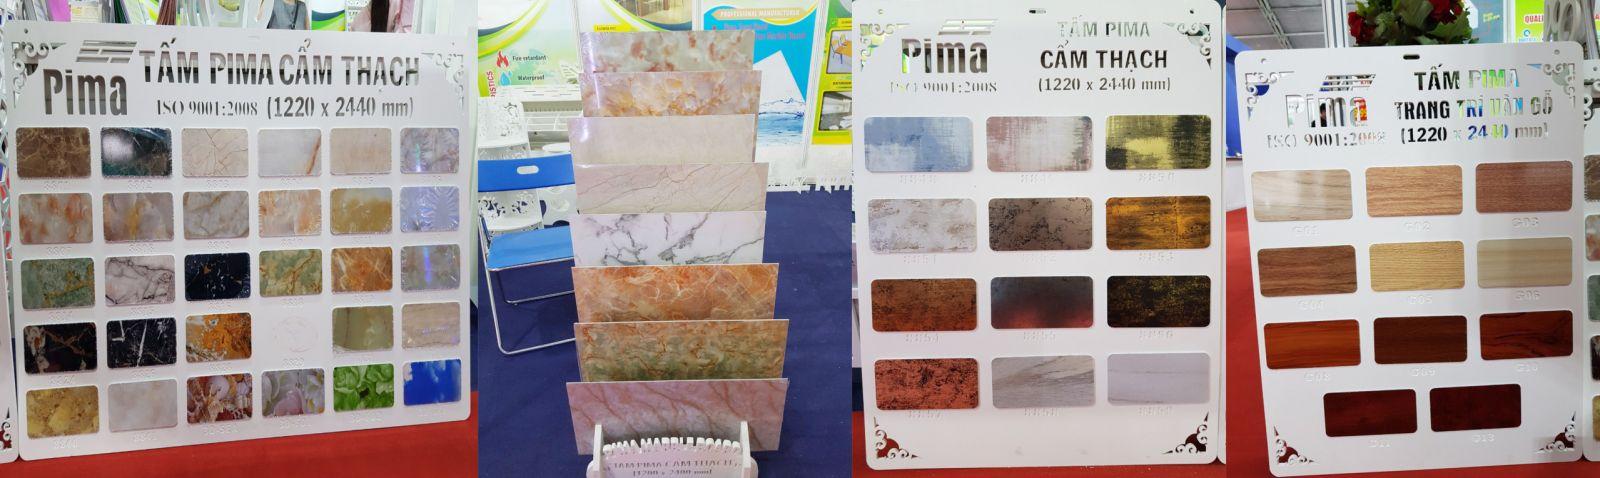 Tấm ván nhựa Pima tại hội chợ VIETBUILD tại tphcm